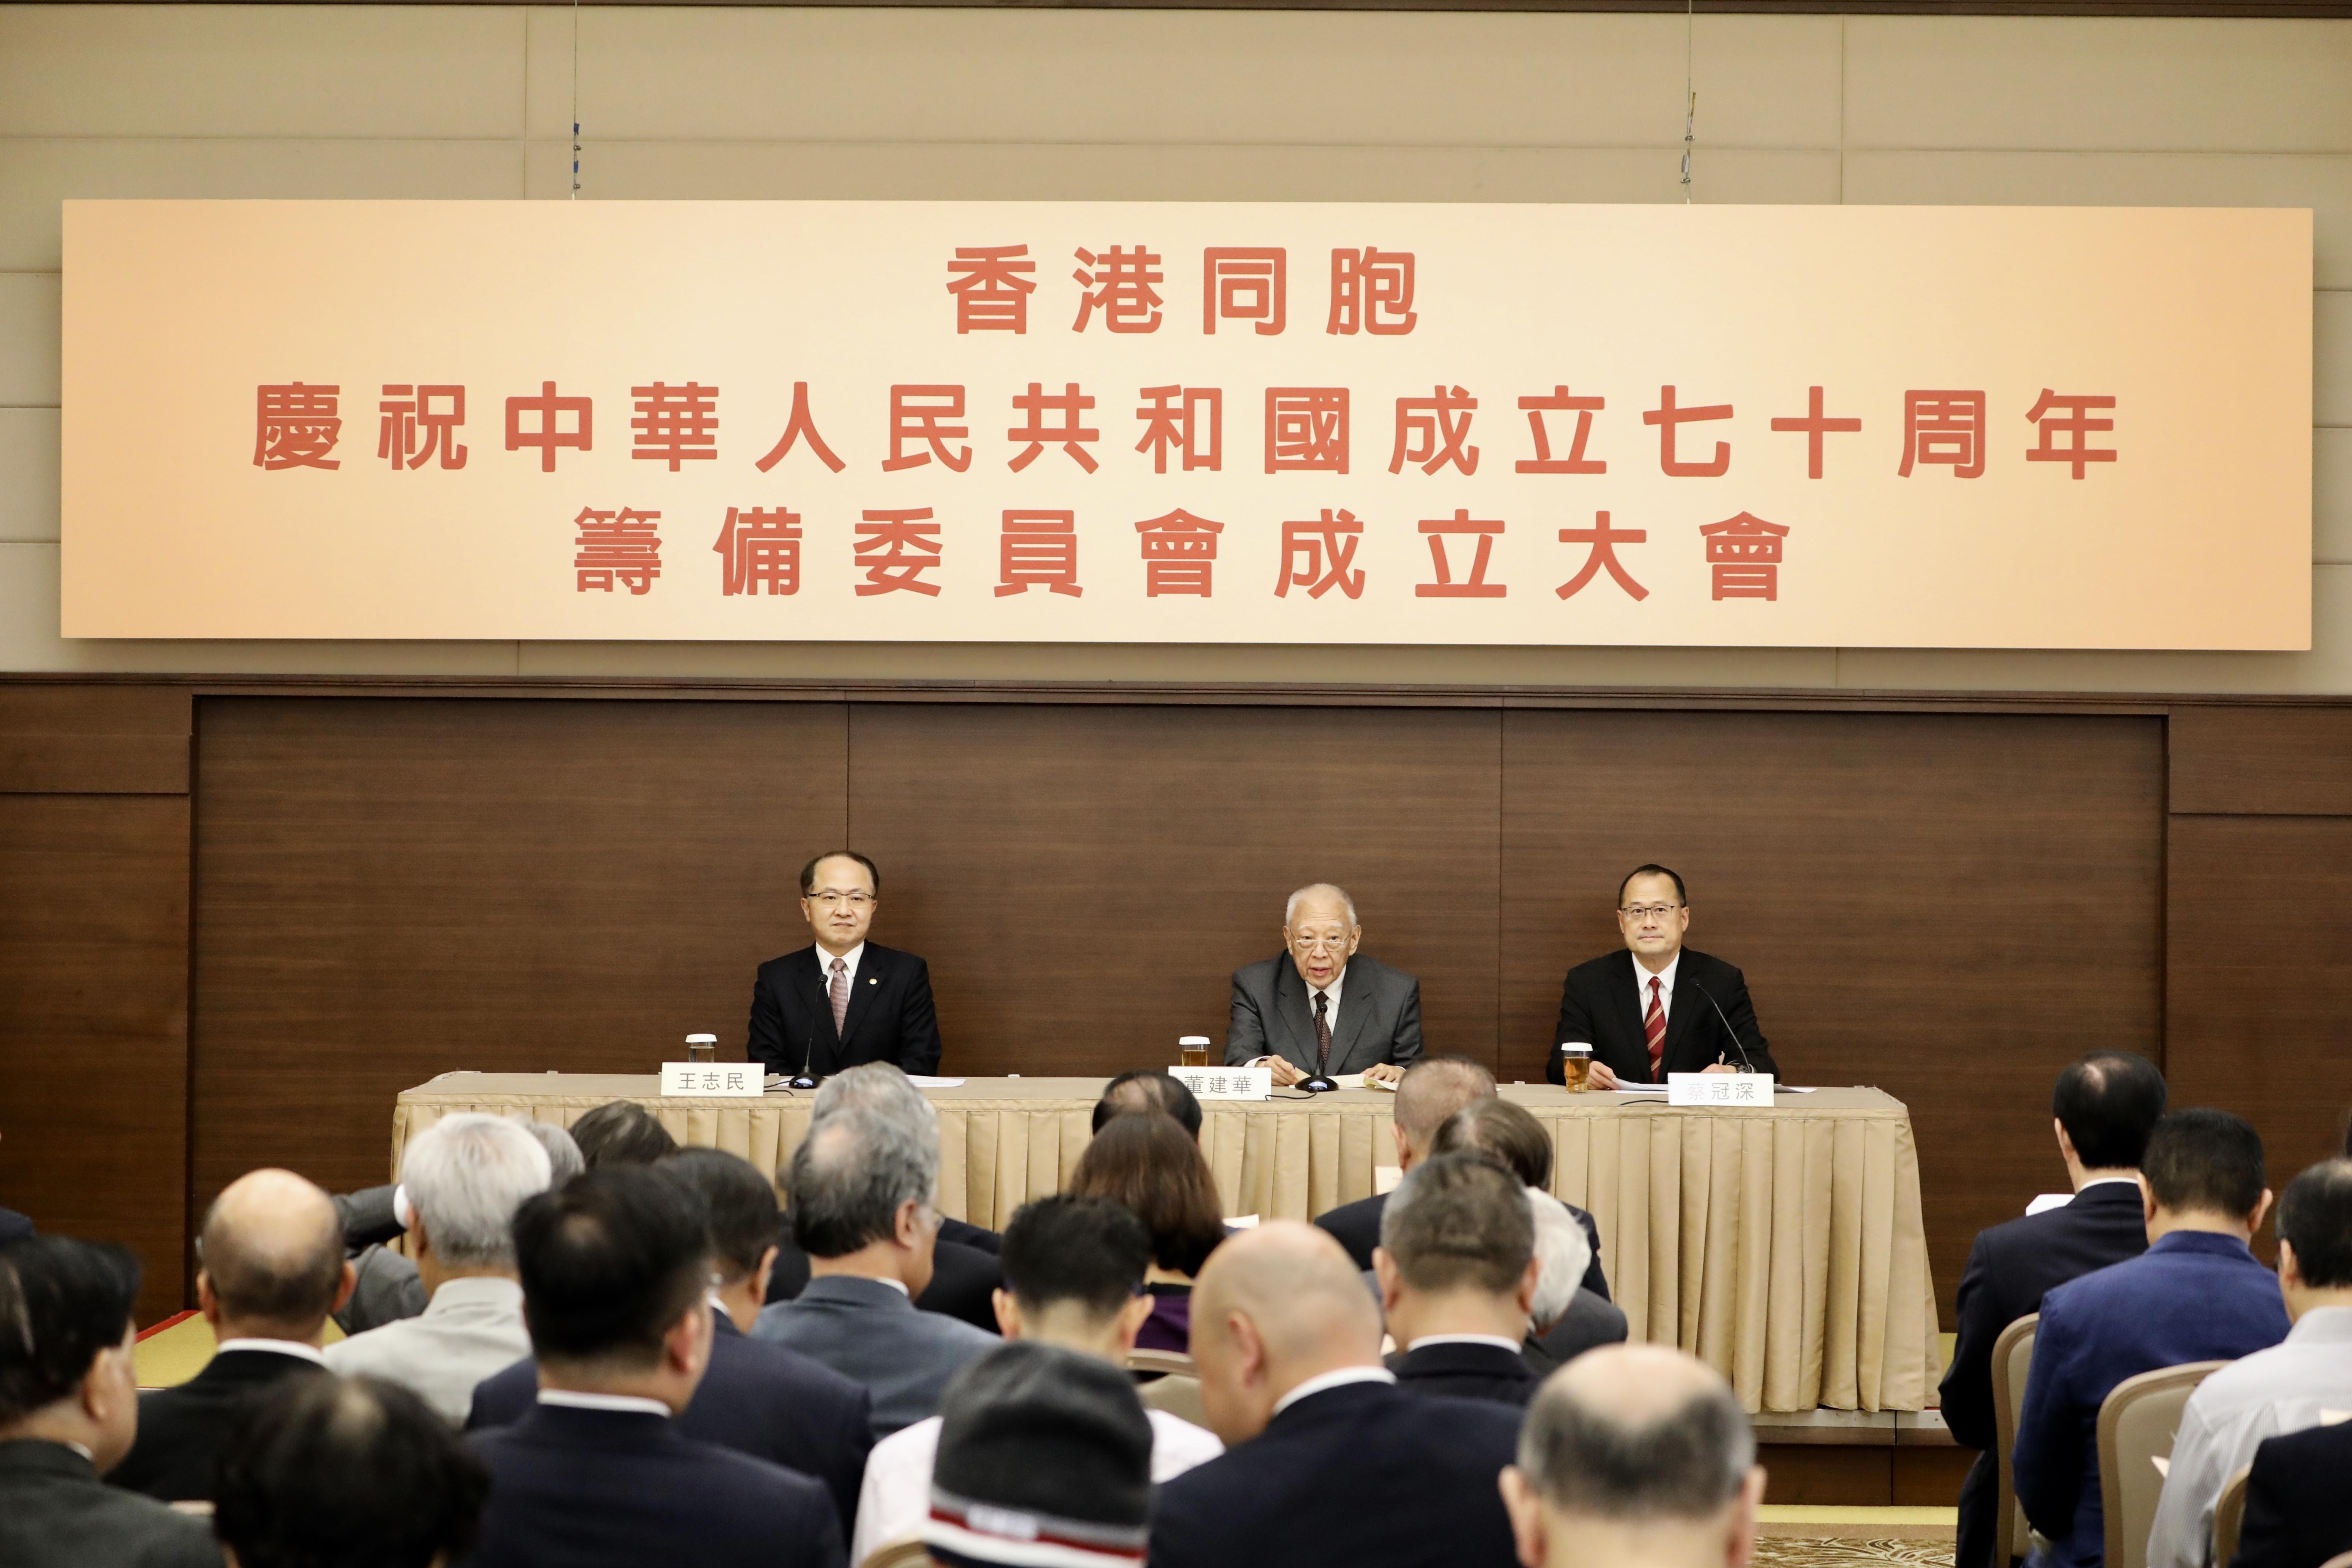 香港同胞慶祝國慶70周年籌委會今天成立。(大公文匯全媒體記者李湃豐攝)